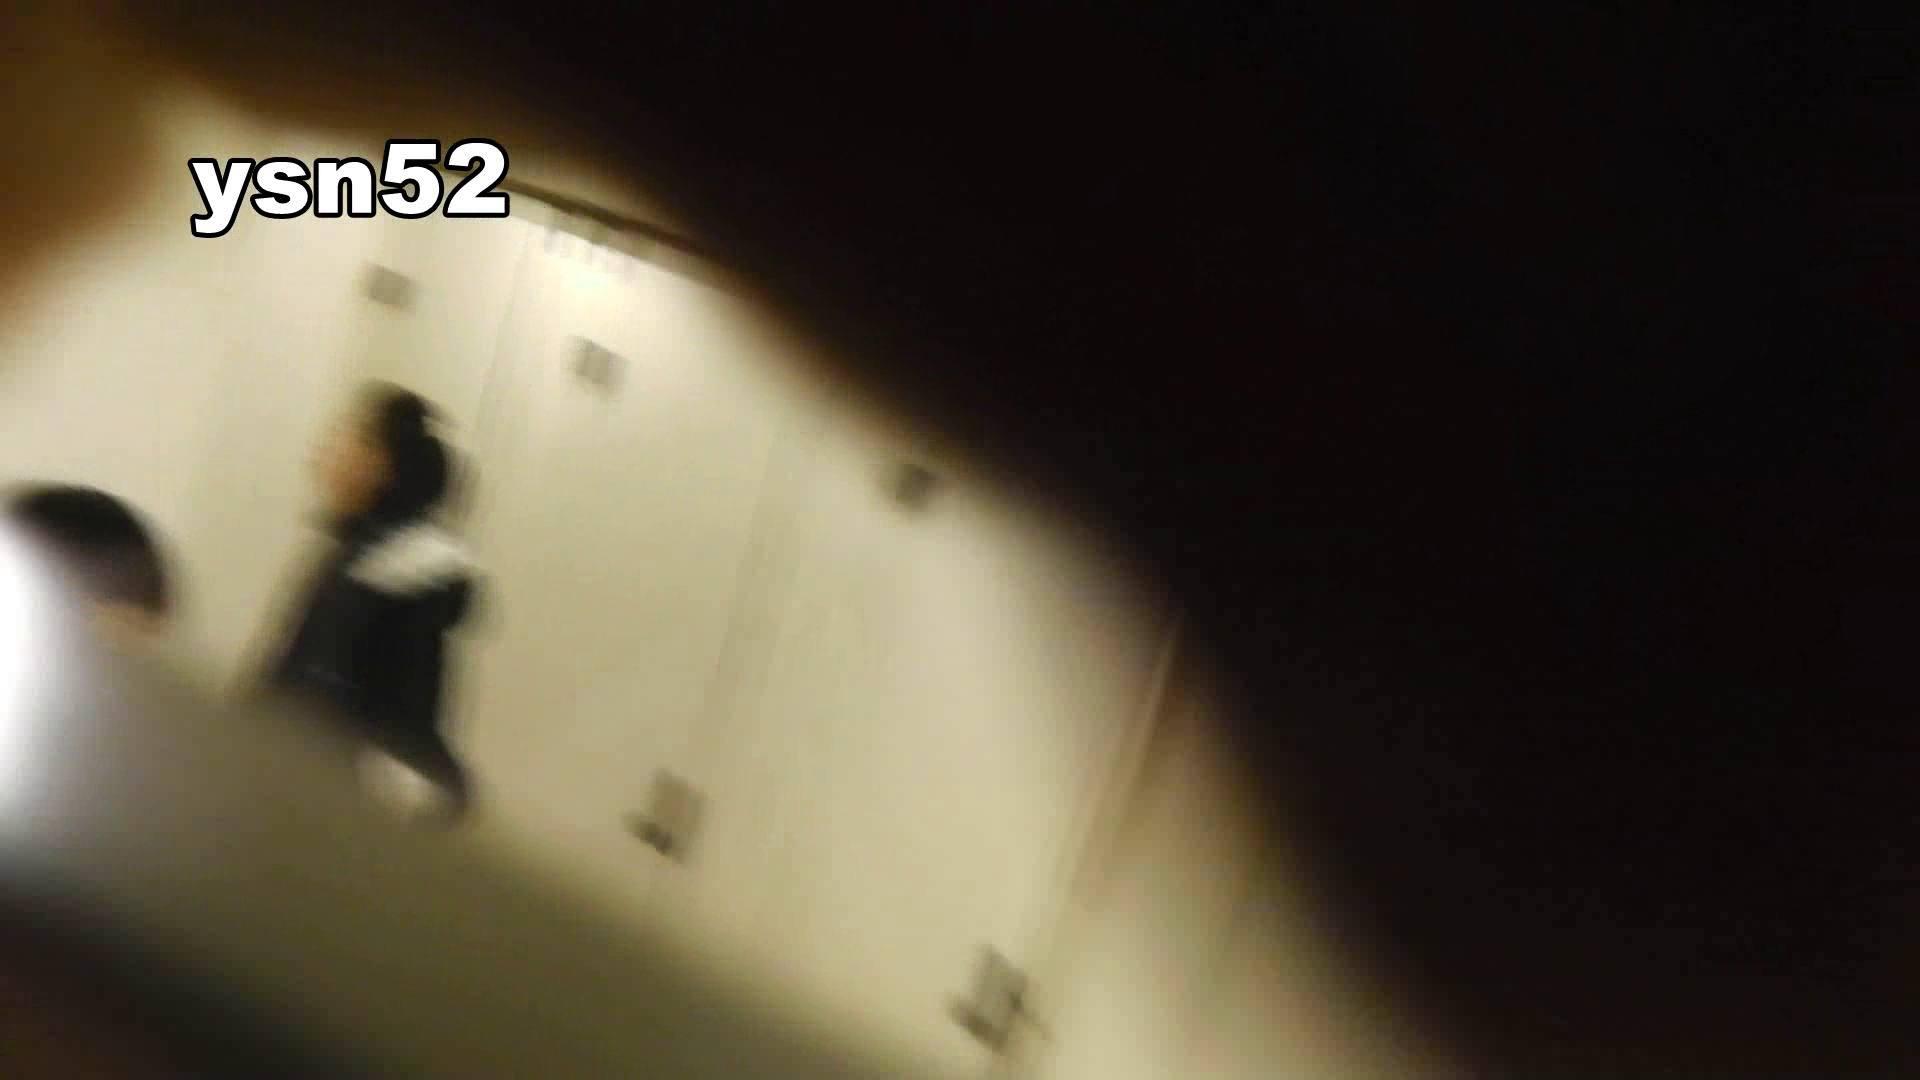 世界の射窓から vol.52 森ガールΣ(゚д゚;) 洗面所のぞき オマンコ無修正動画無料 83枚 29